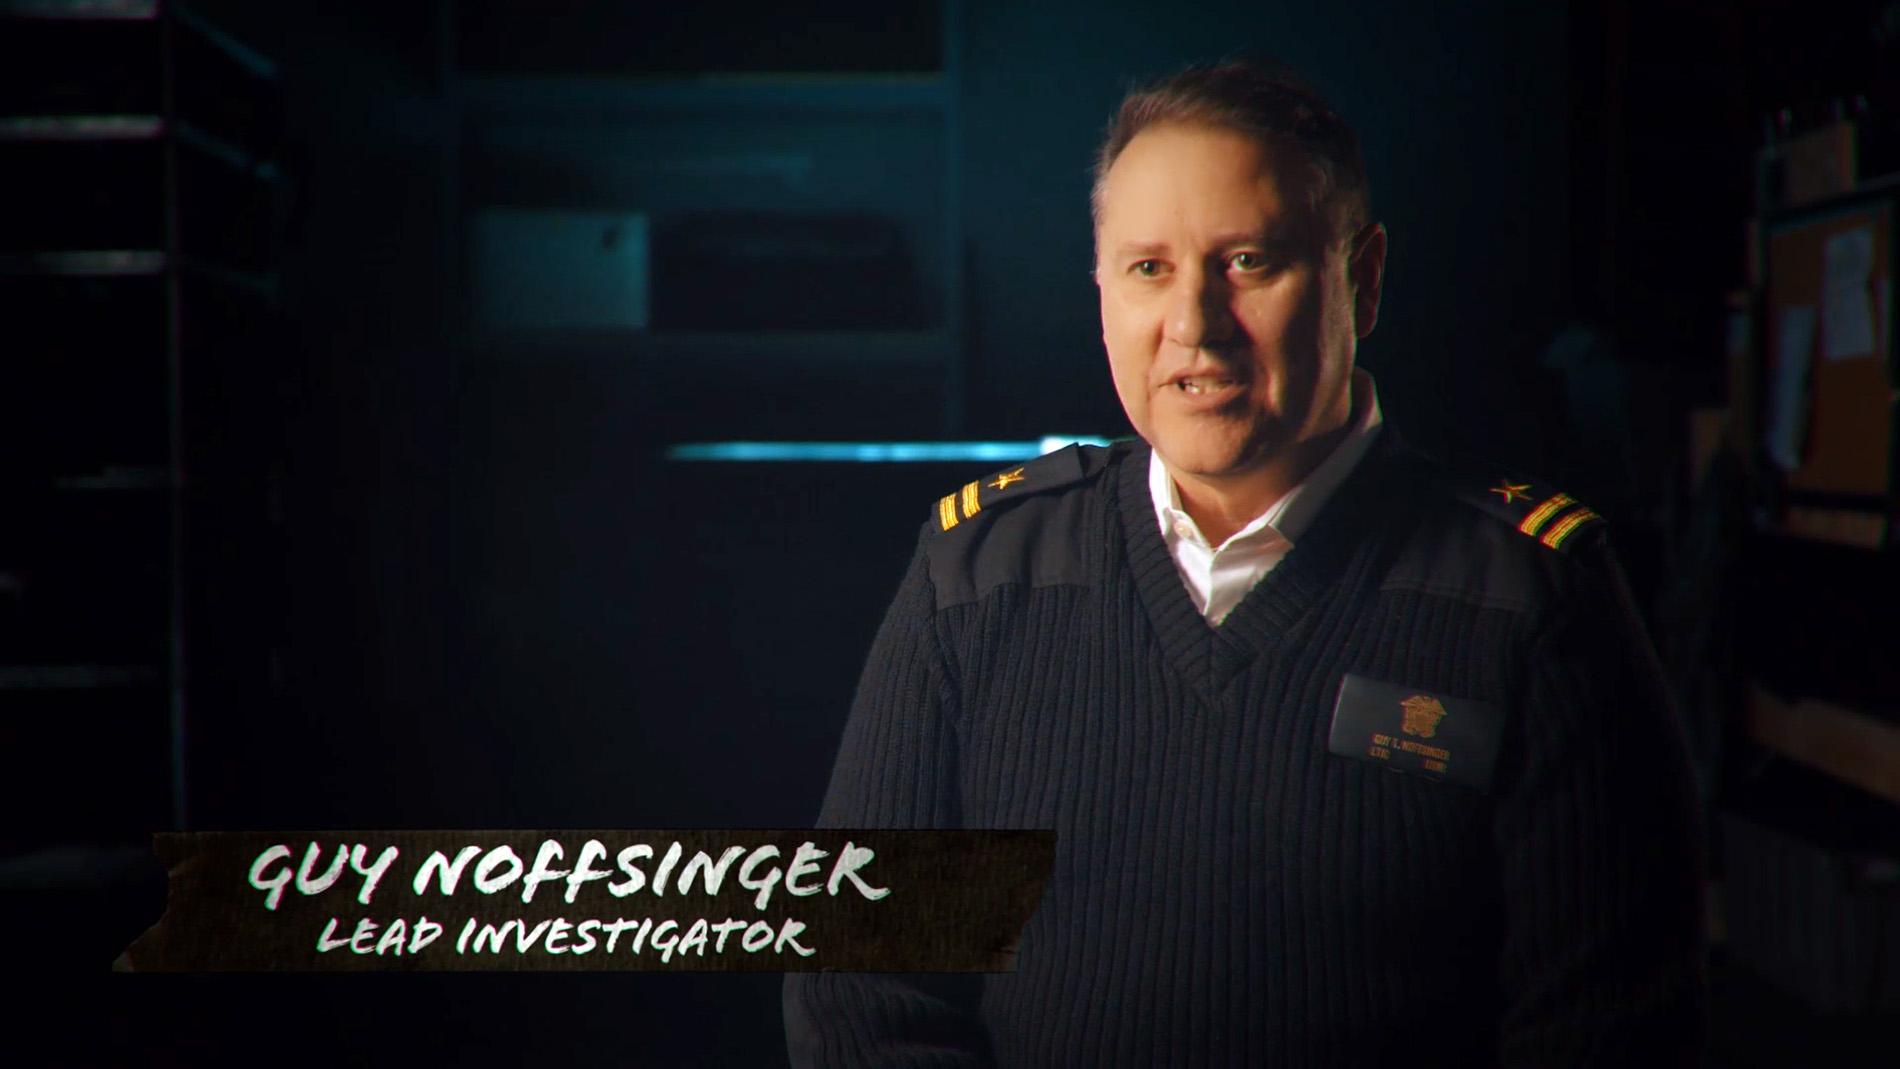 Guy Noffsinger, Retired Naval Intelligence Officer